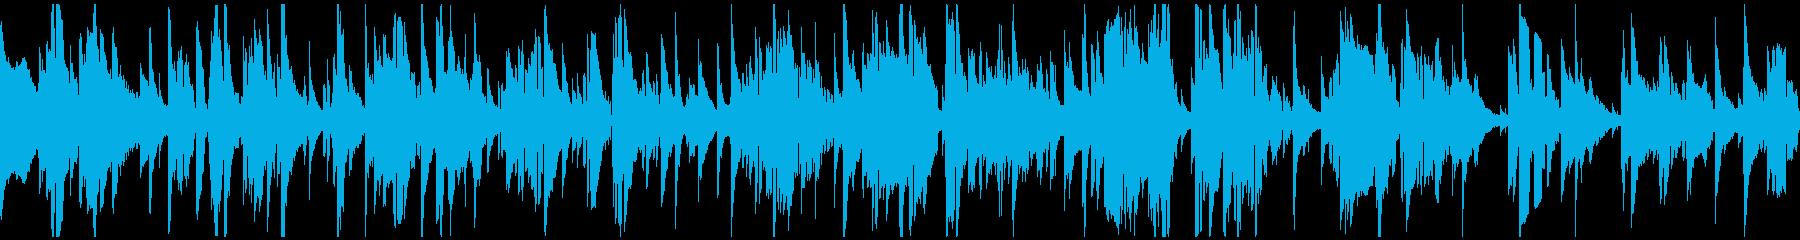 切ないテナーサックスのバラード※ループ版の再生済みの波形